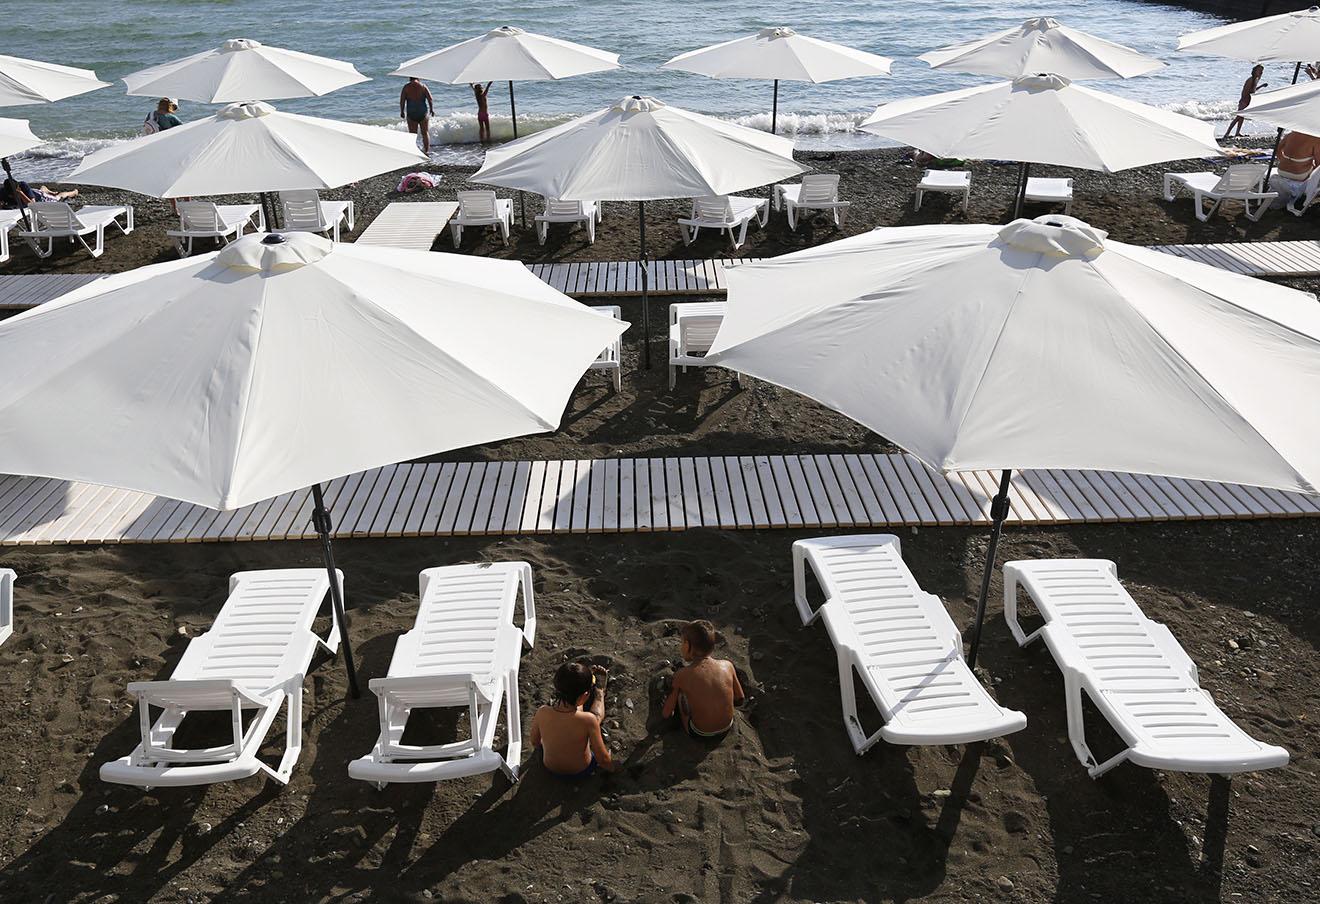 Отдыхающие на центральном пляже Сочи. Фото: Валерий Матыцин / ТАСС